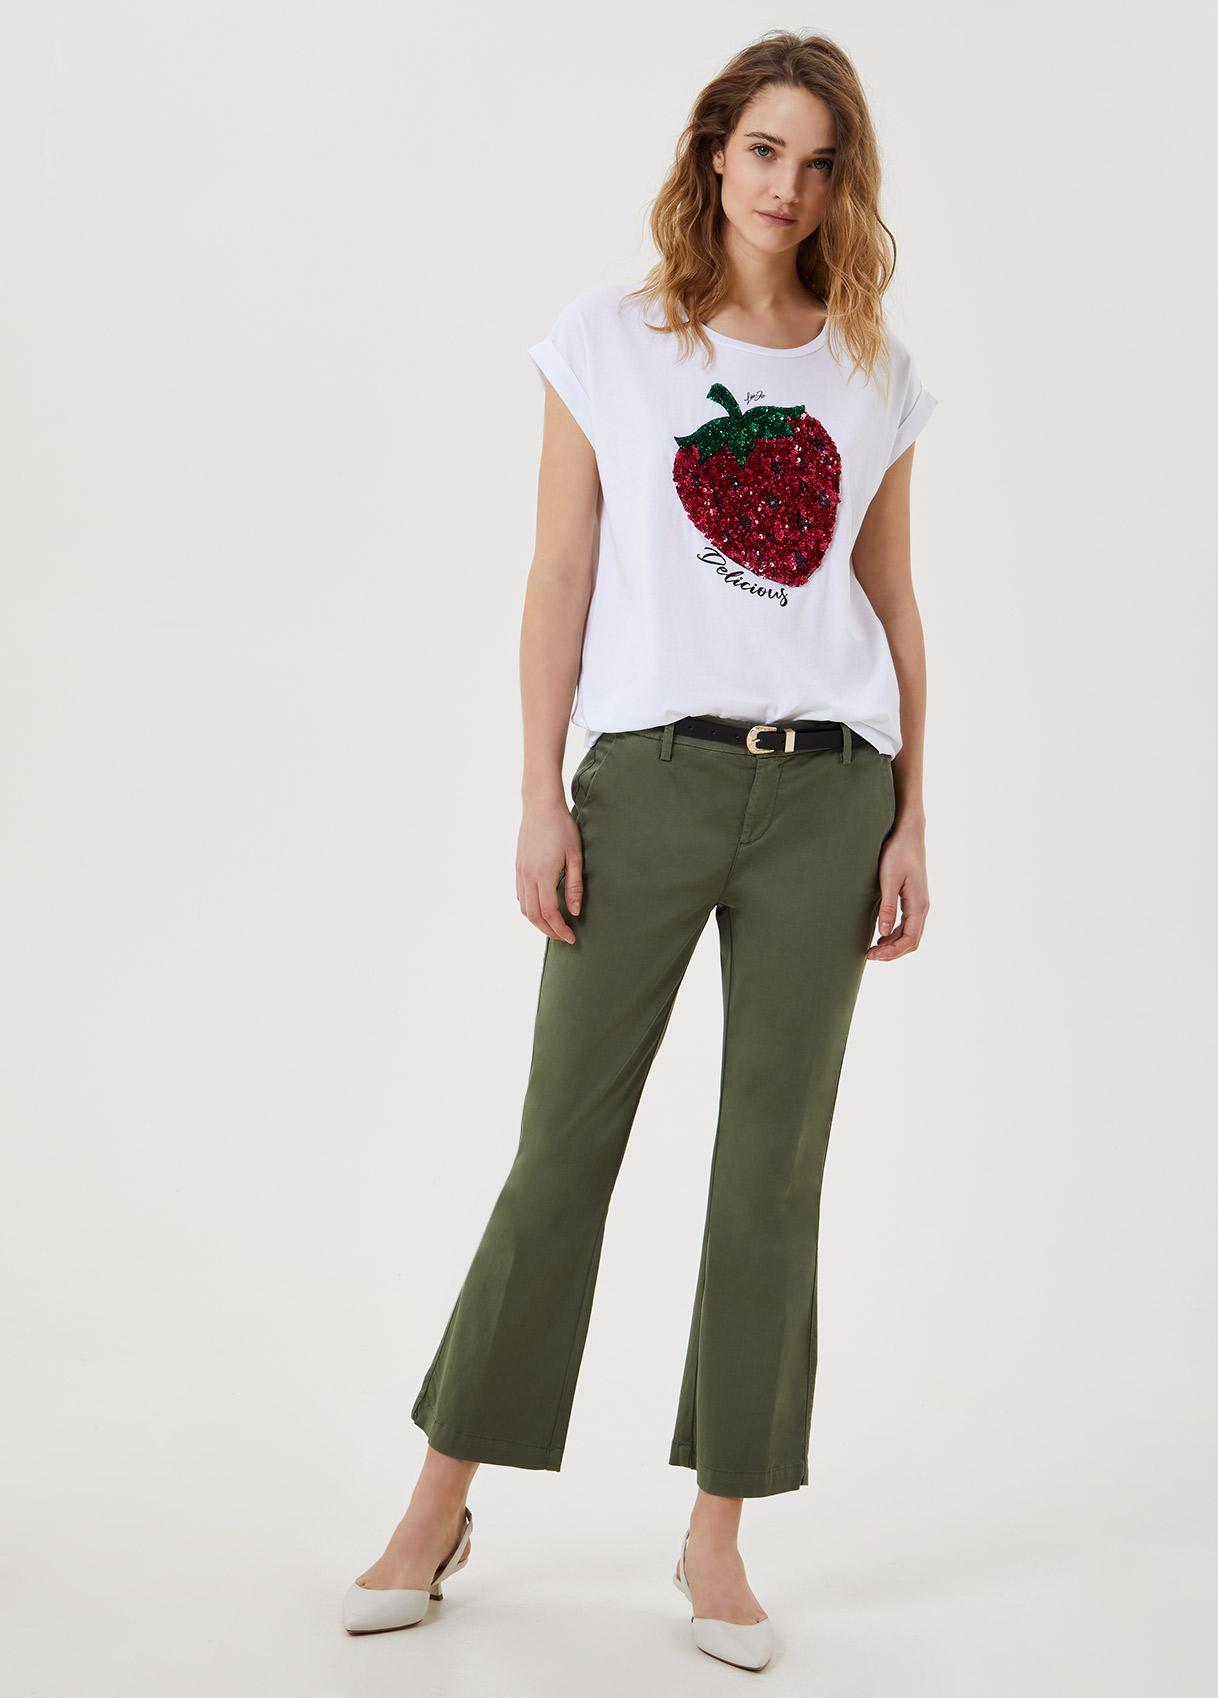 T-shirt fruit LIU JO | T-shirt | WA1175J5003T9590